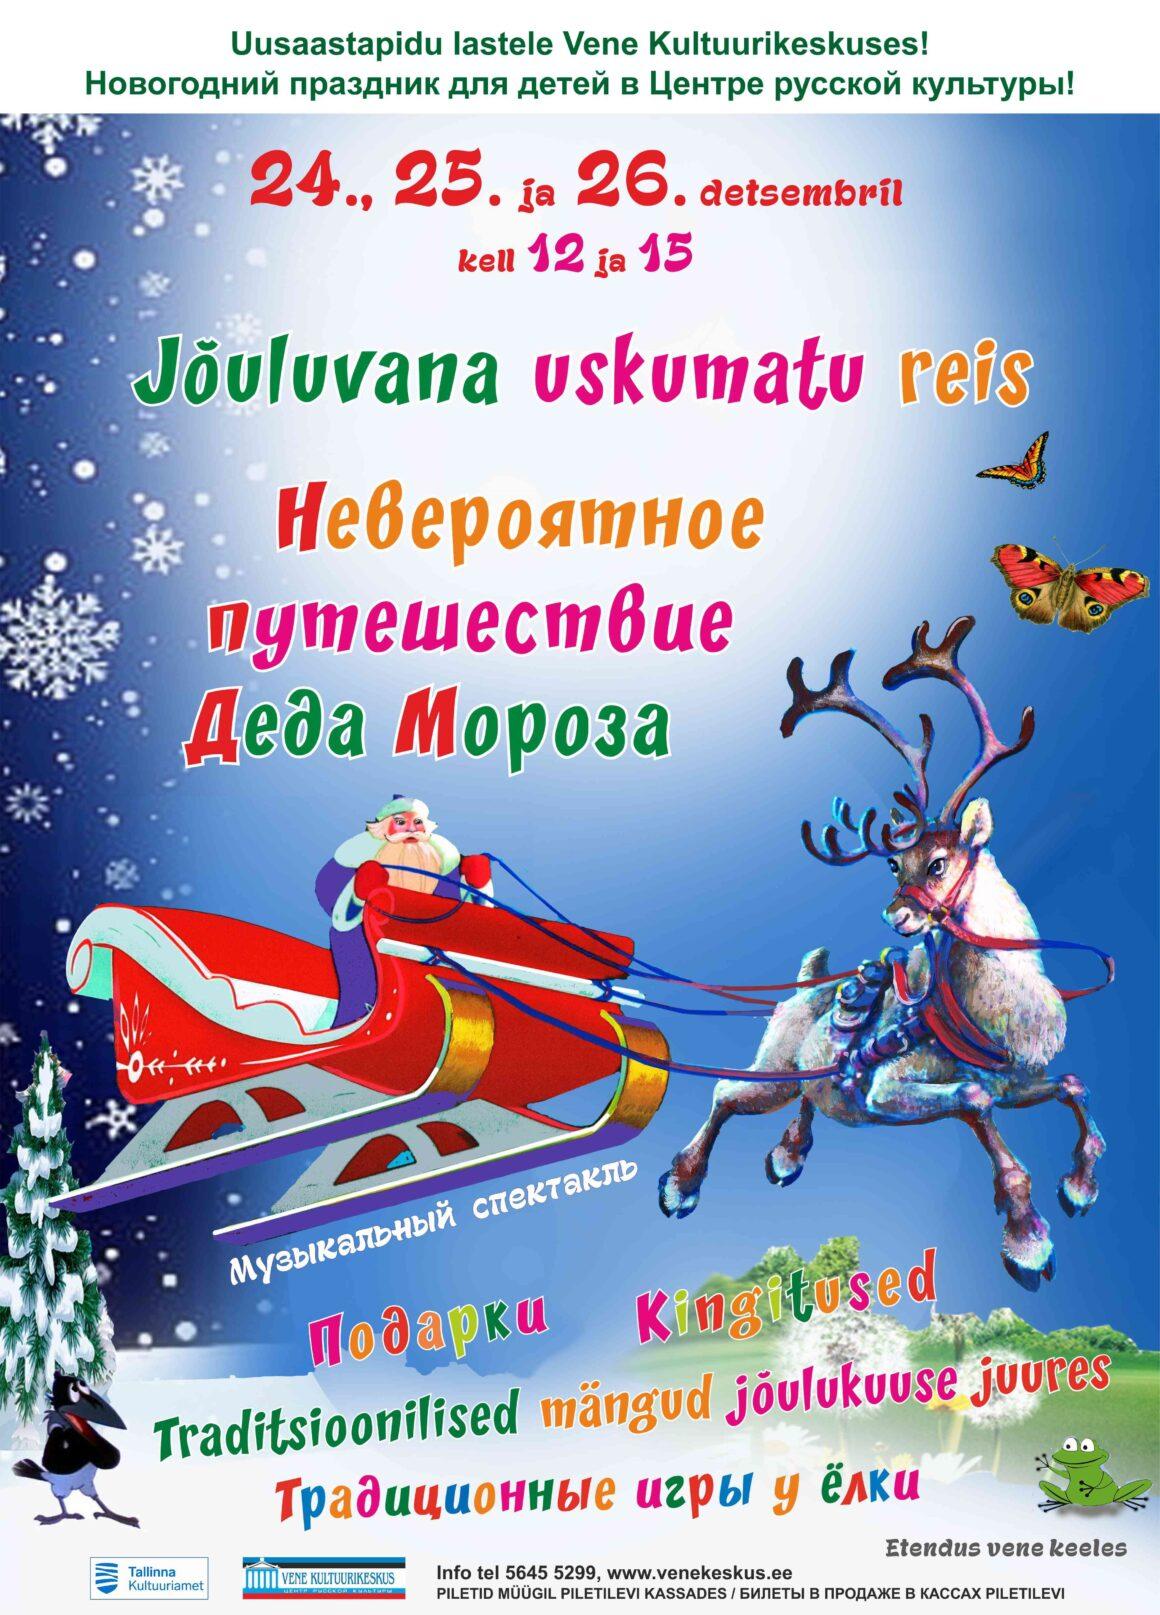 Традиционная новогодняя ёлка в Центре русской культуры ждет Вас!